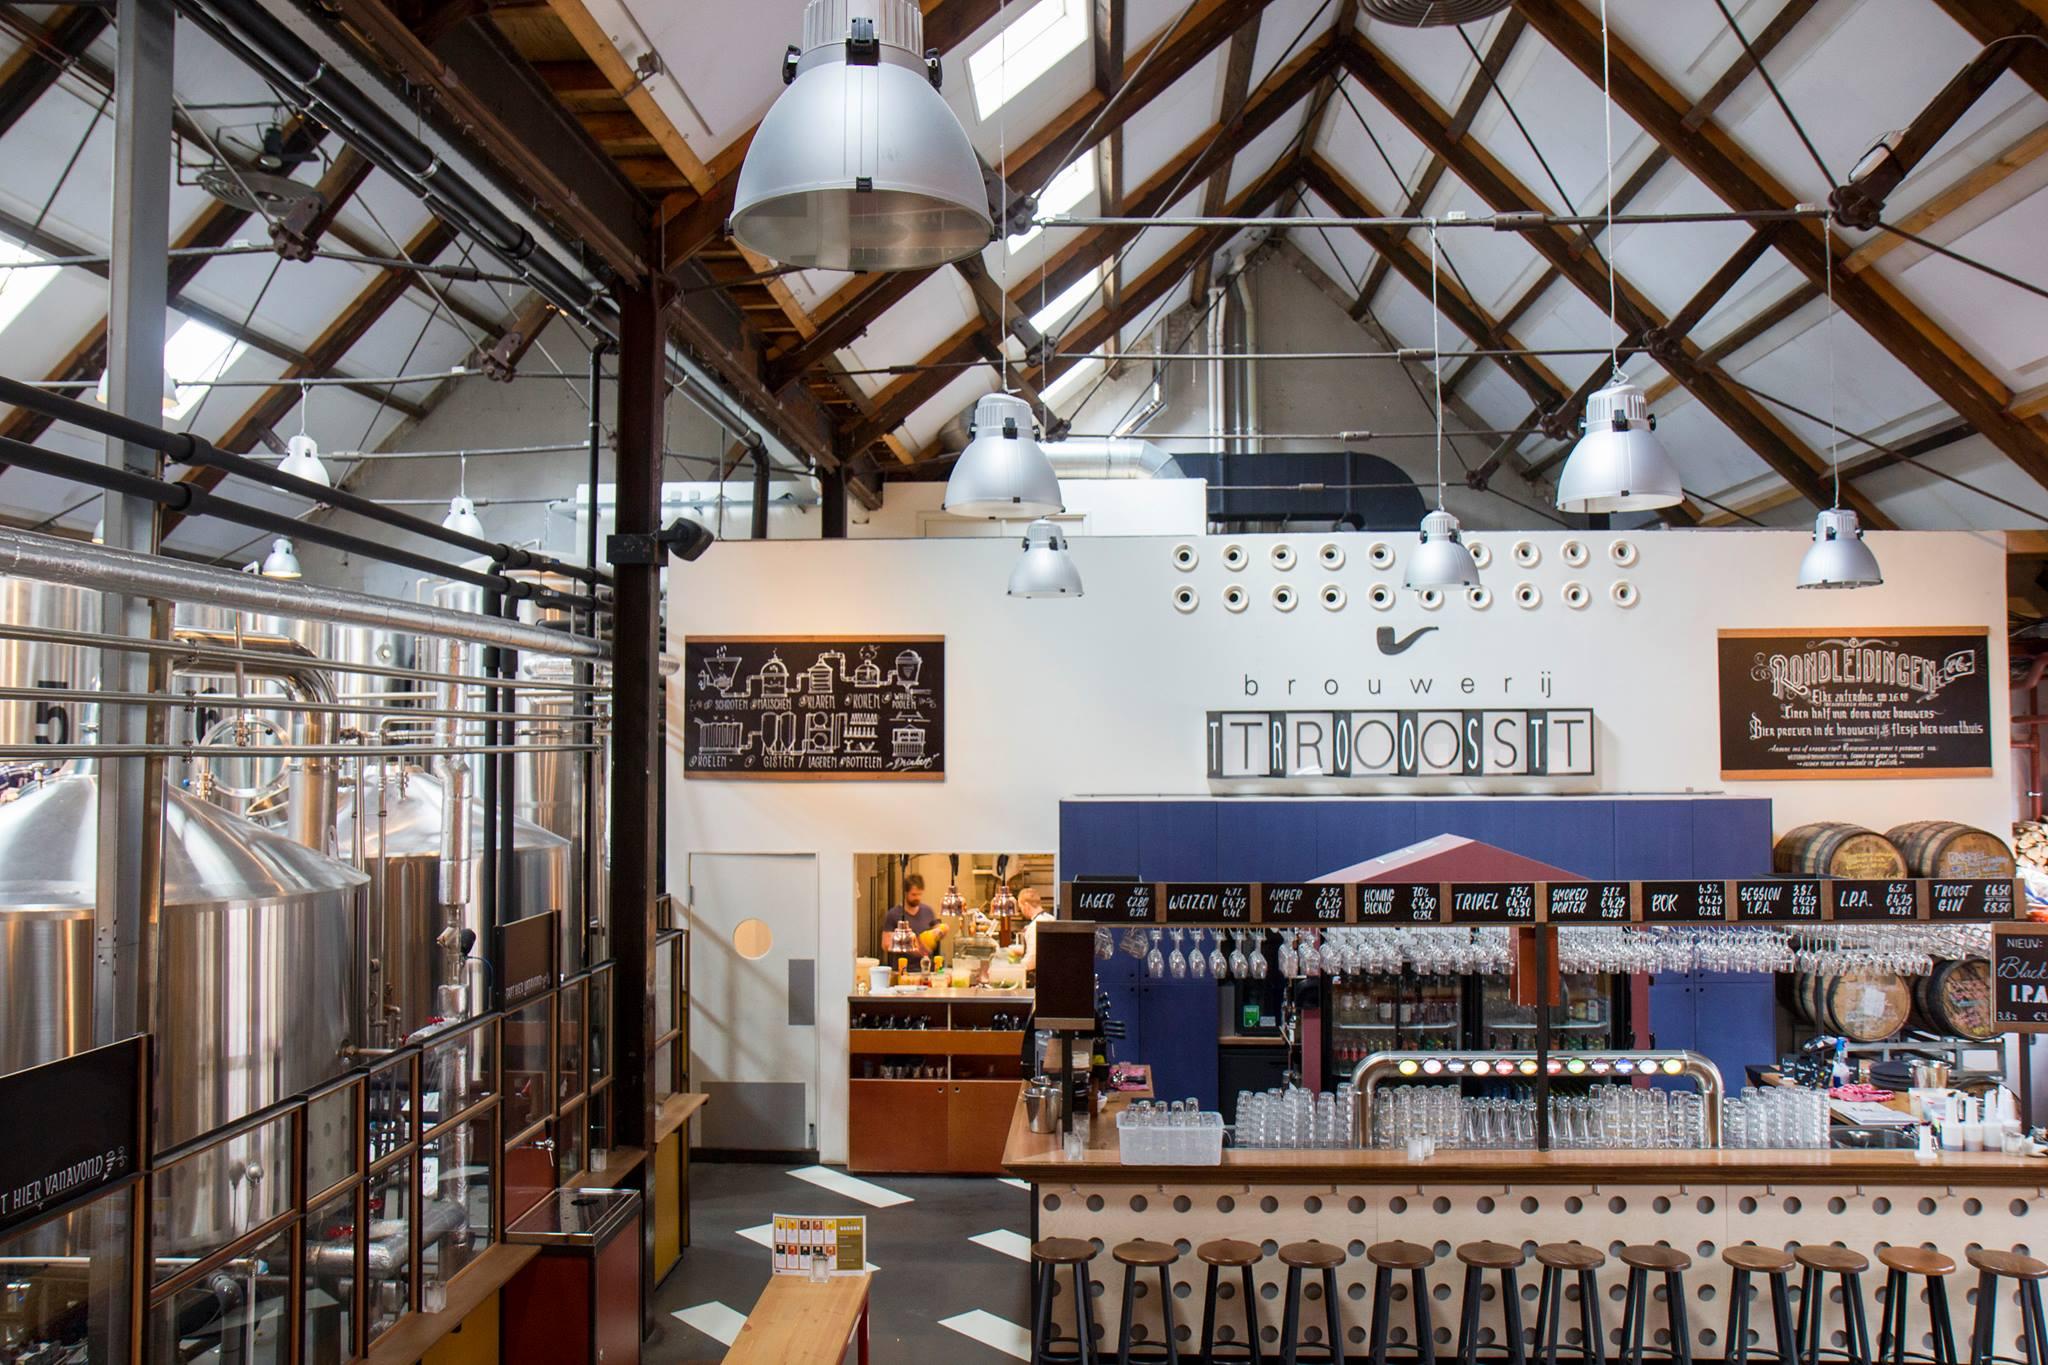 Amsterdam bierbrouwerij troost man man